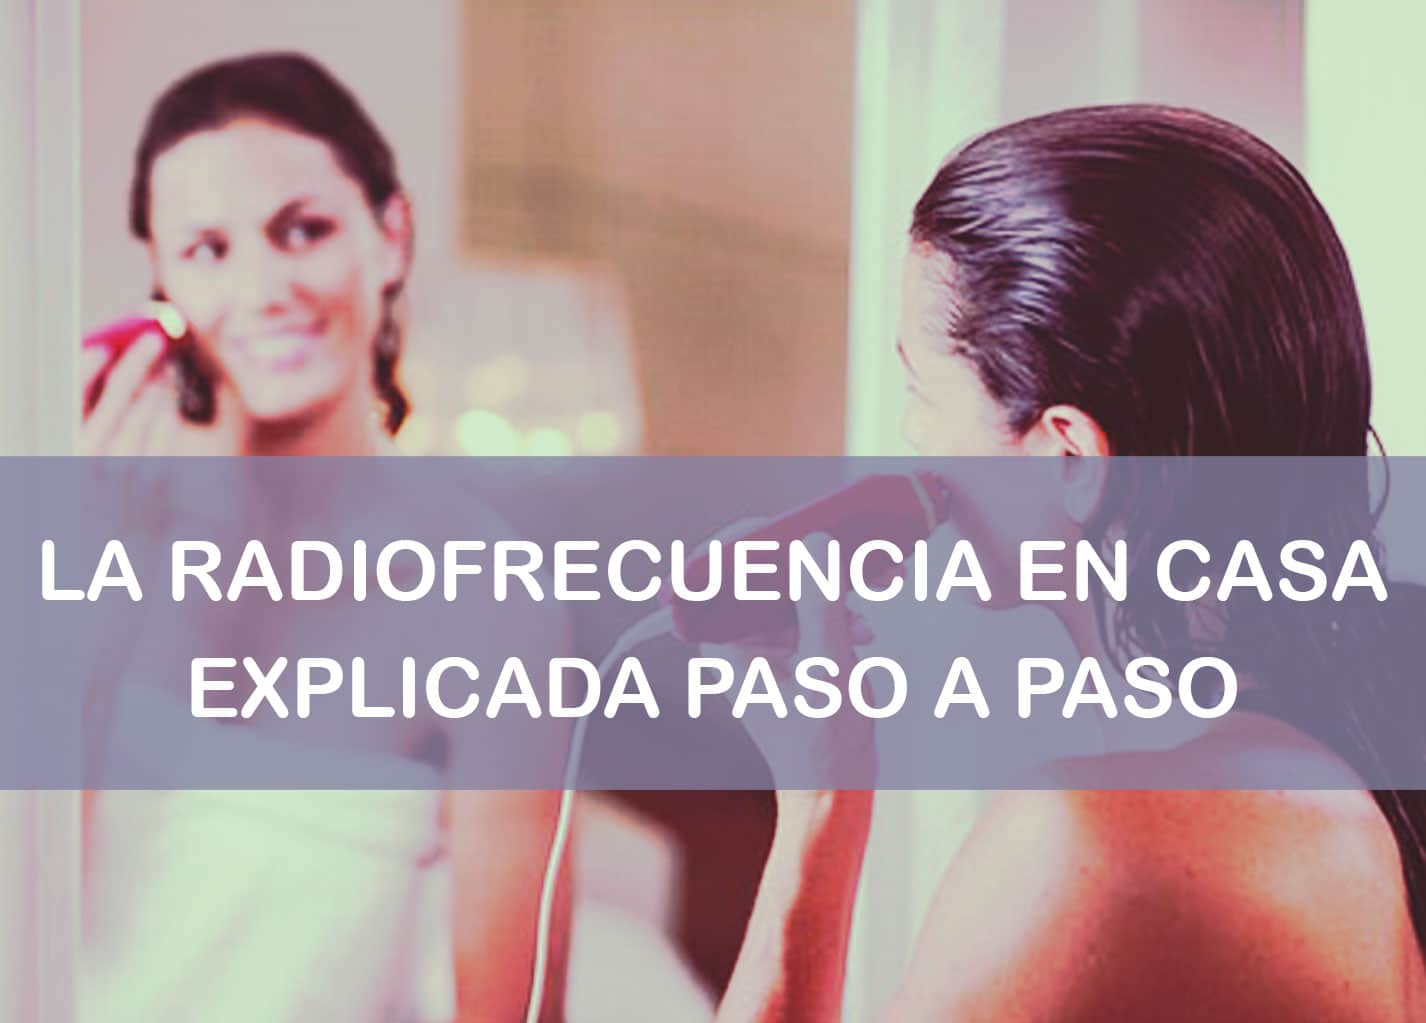 radiofrecuencia en casa